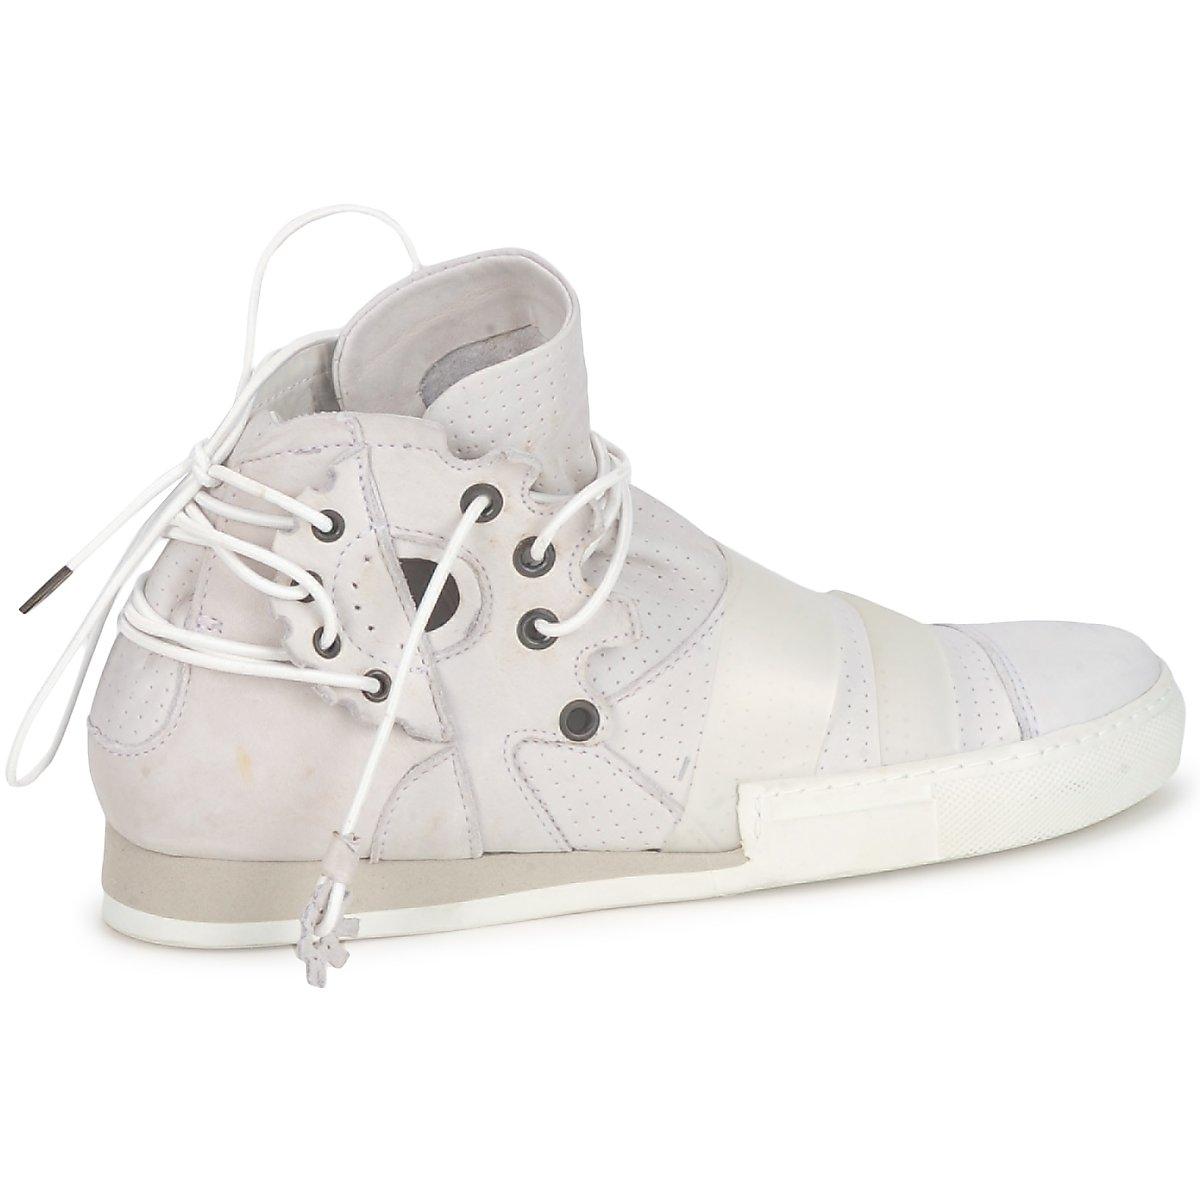 e9fd79a2b5314 De Shoes amp; François Basket Marithé Drôles Girbaud La YxPpq44